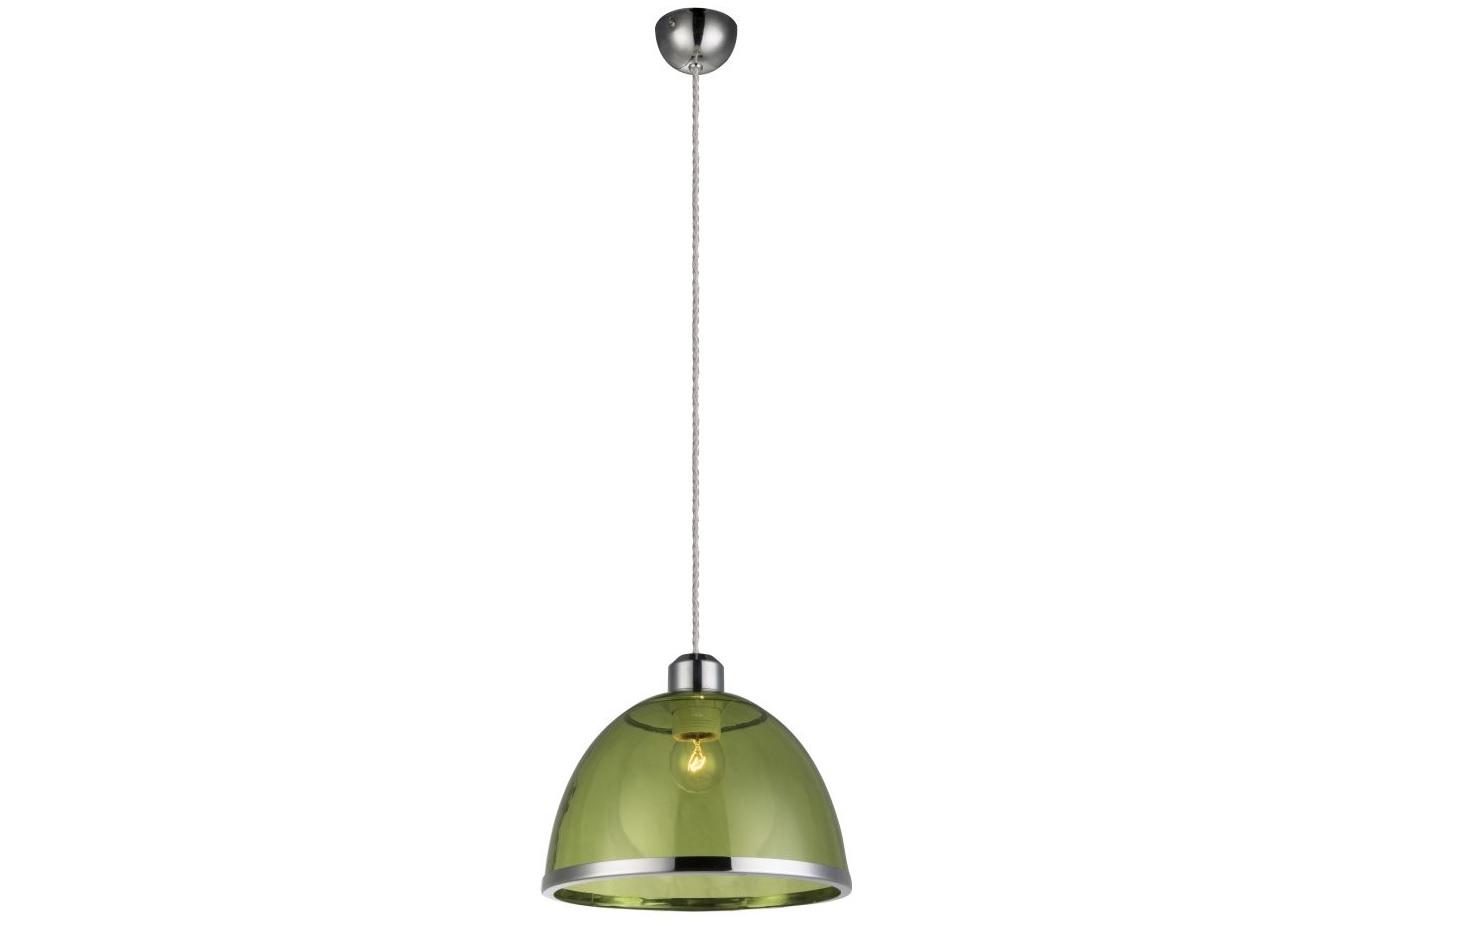 Светильник подвеснойПодвесные светильники<br>&amp;lt;div&amp;gt;&amp;lt;div&amp;gt;&amp;lt;div&amp;gt;Вид цоколя: E27&amp;lt;/div&amp;gt;&amp;lt;div&amp;gt;Мощность лампы: 40W&amp;lt;/div&amp;gt;&amp;lt;div&amp;gt;Количество ламп: 1&amp;lt;/div&amp;gt;&amp;lt;/div&amp;gt;&amp;lt;div&amp;gt;&amp;lt;br&amp;gt;&amp;lt;/div&amp;gt;&amp;lt;div&amp;gt;Материал: металл, акрил&amp;lt;/div&amp;gt;&amp;lt;/div&amp;gt;<br><br>Material: Металл<br>Height см: 120<br>Diameter см: 23